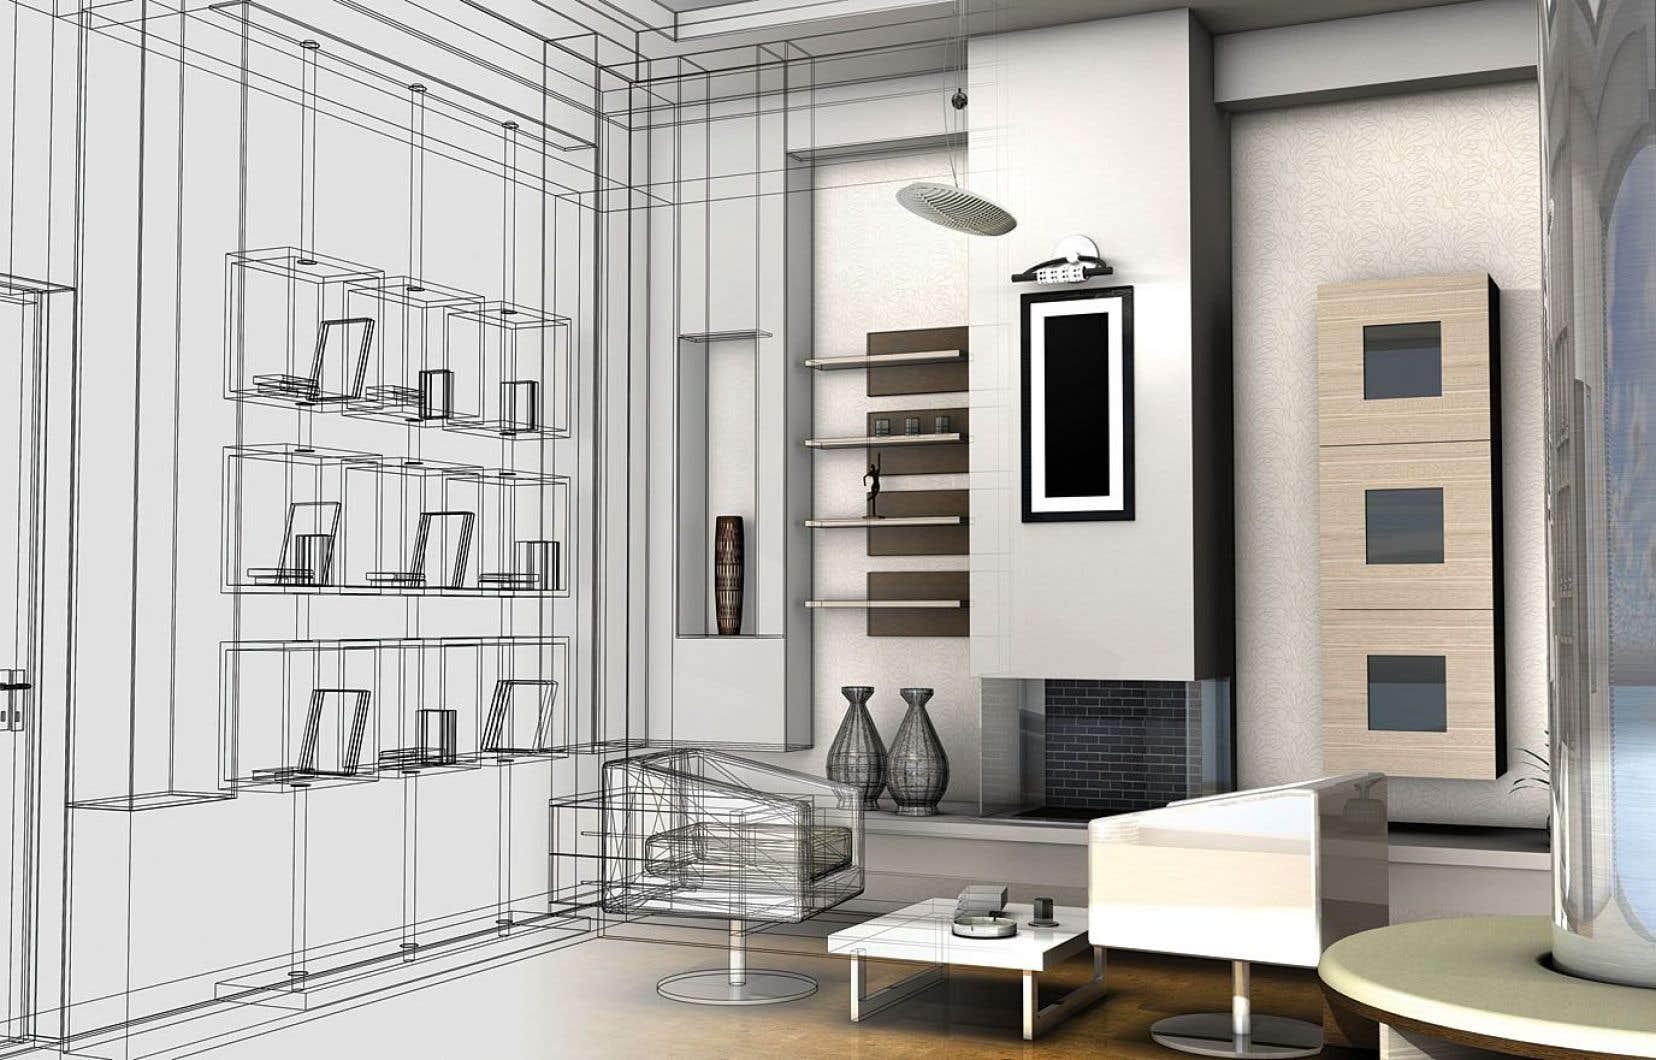 le nouveau dess en design d int rieur le devoir. Black Bedroom Furniture Sets. Home Design Ideas